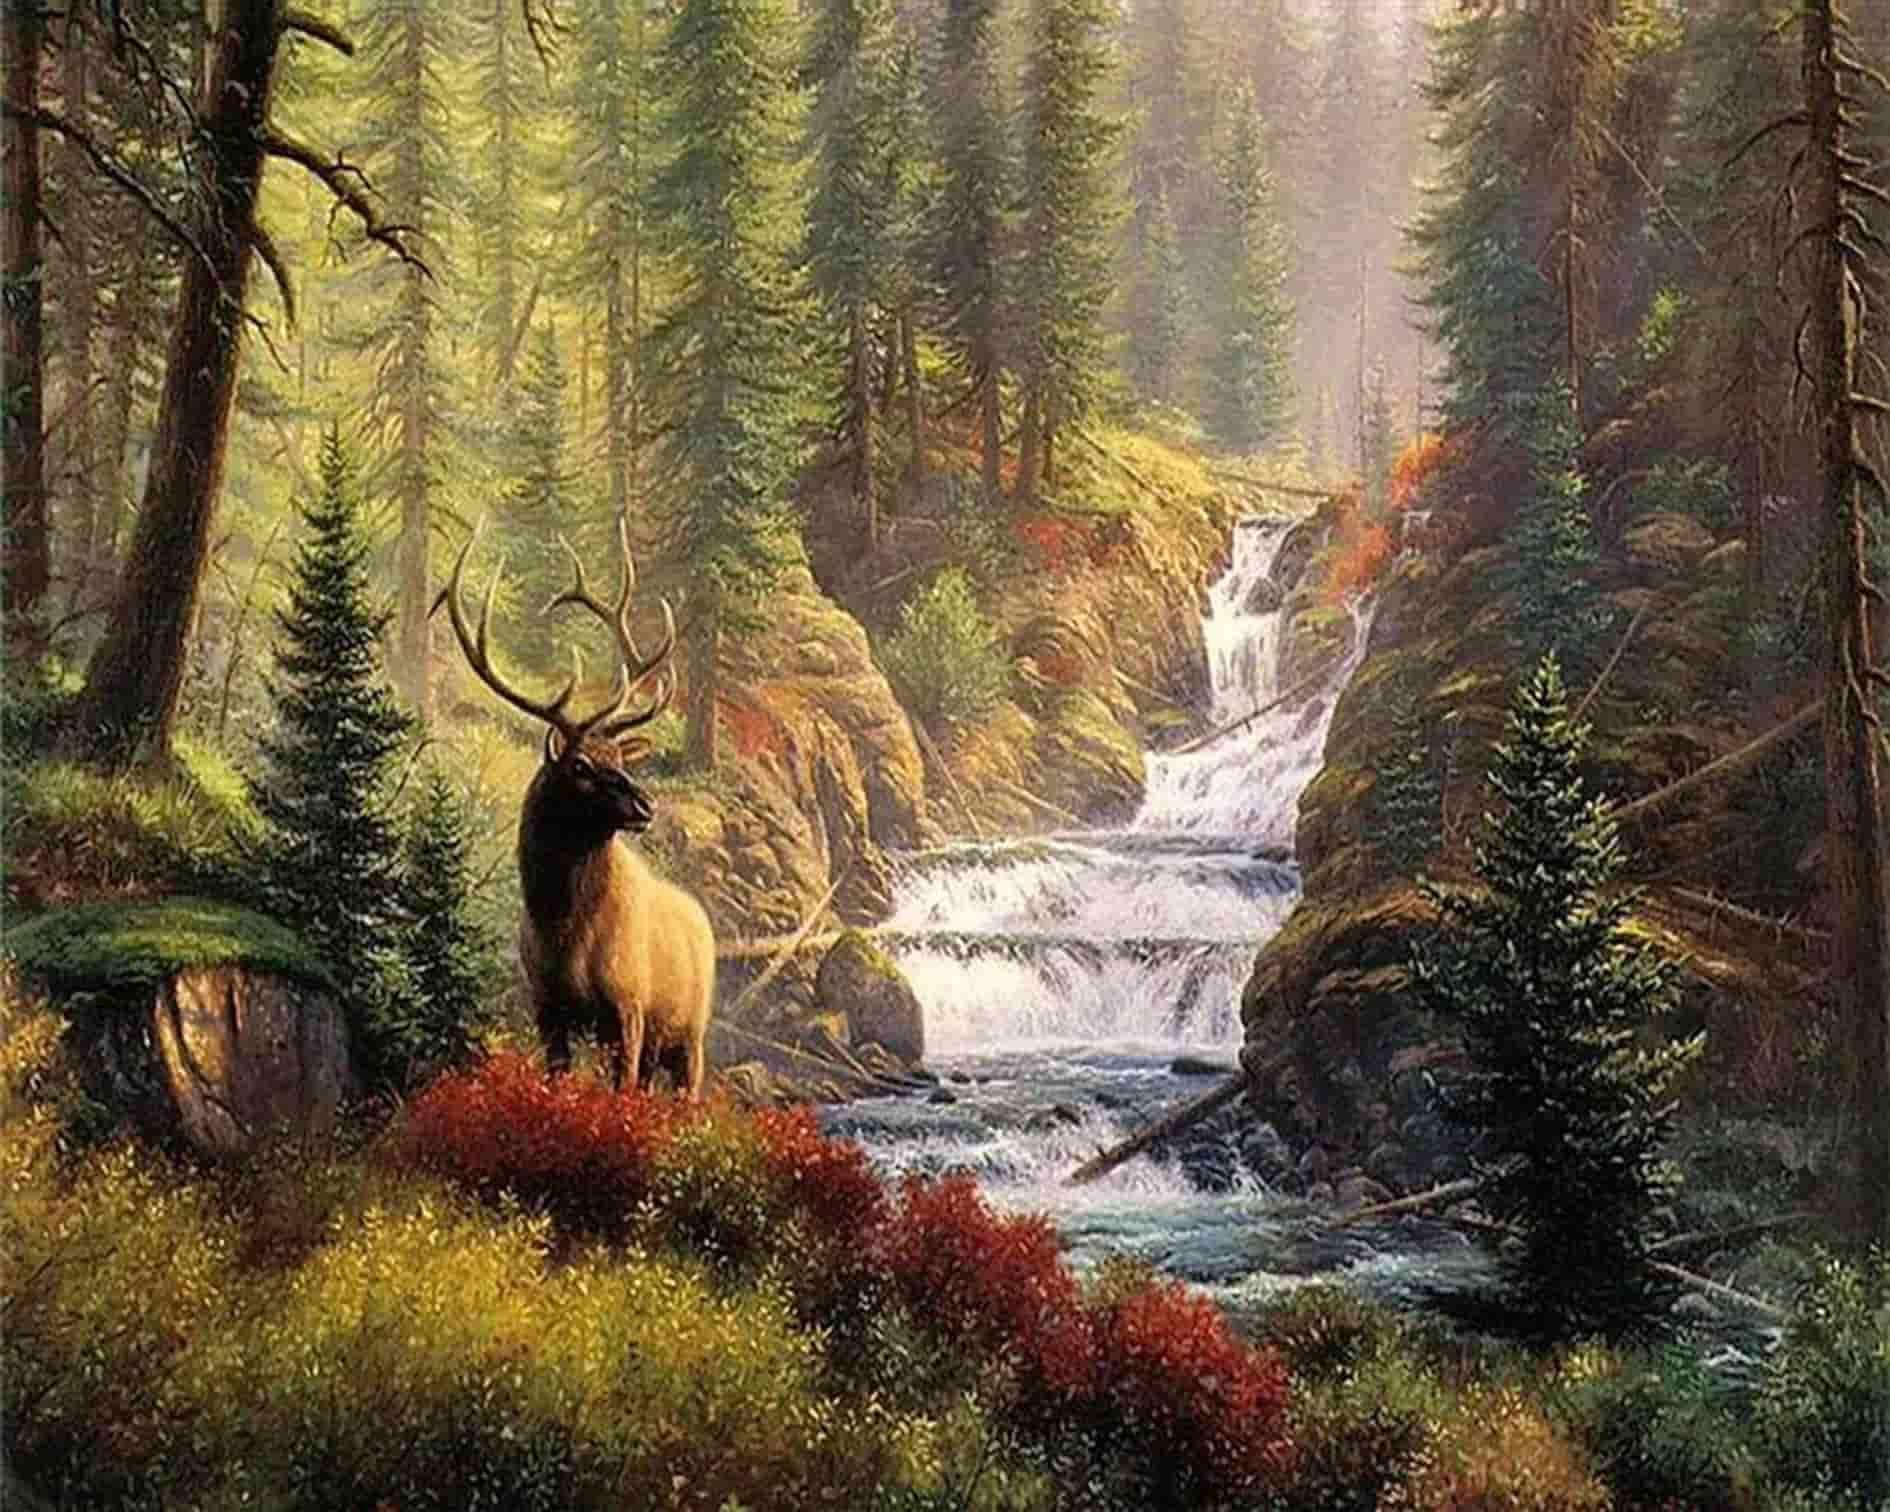 Картинки на тему природы с животными, днем